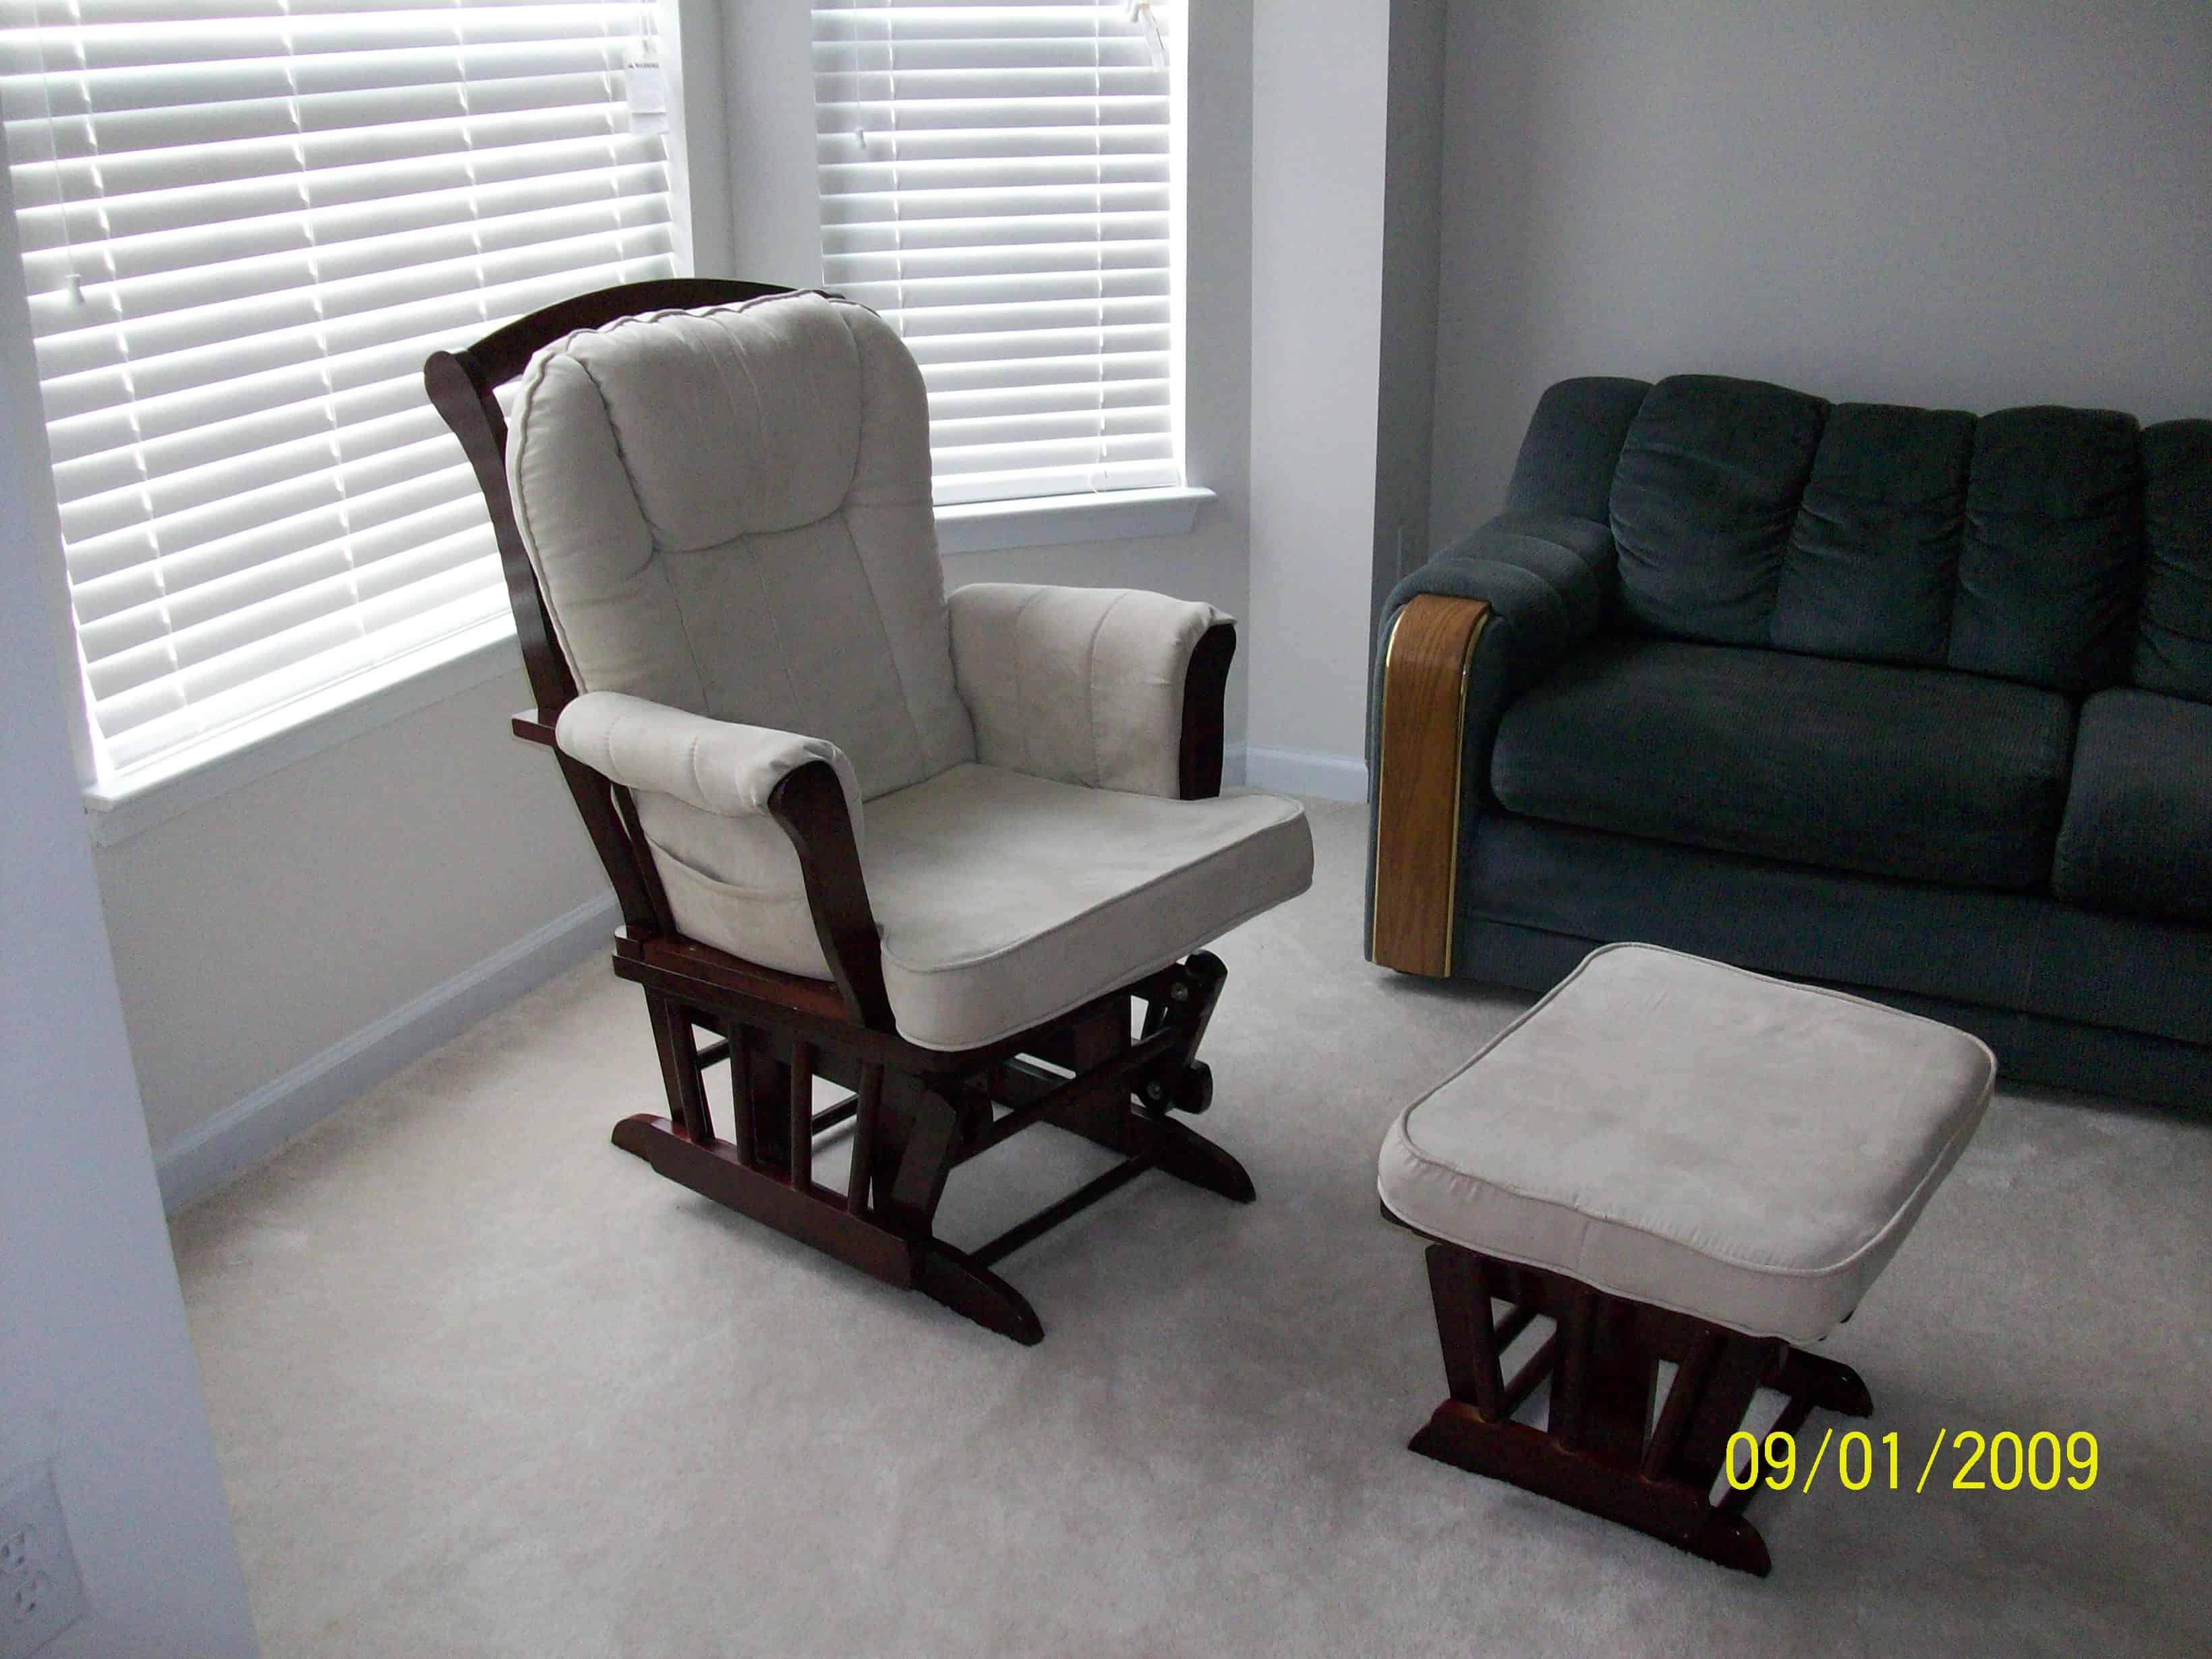 Nursery furniture 006